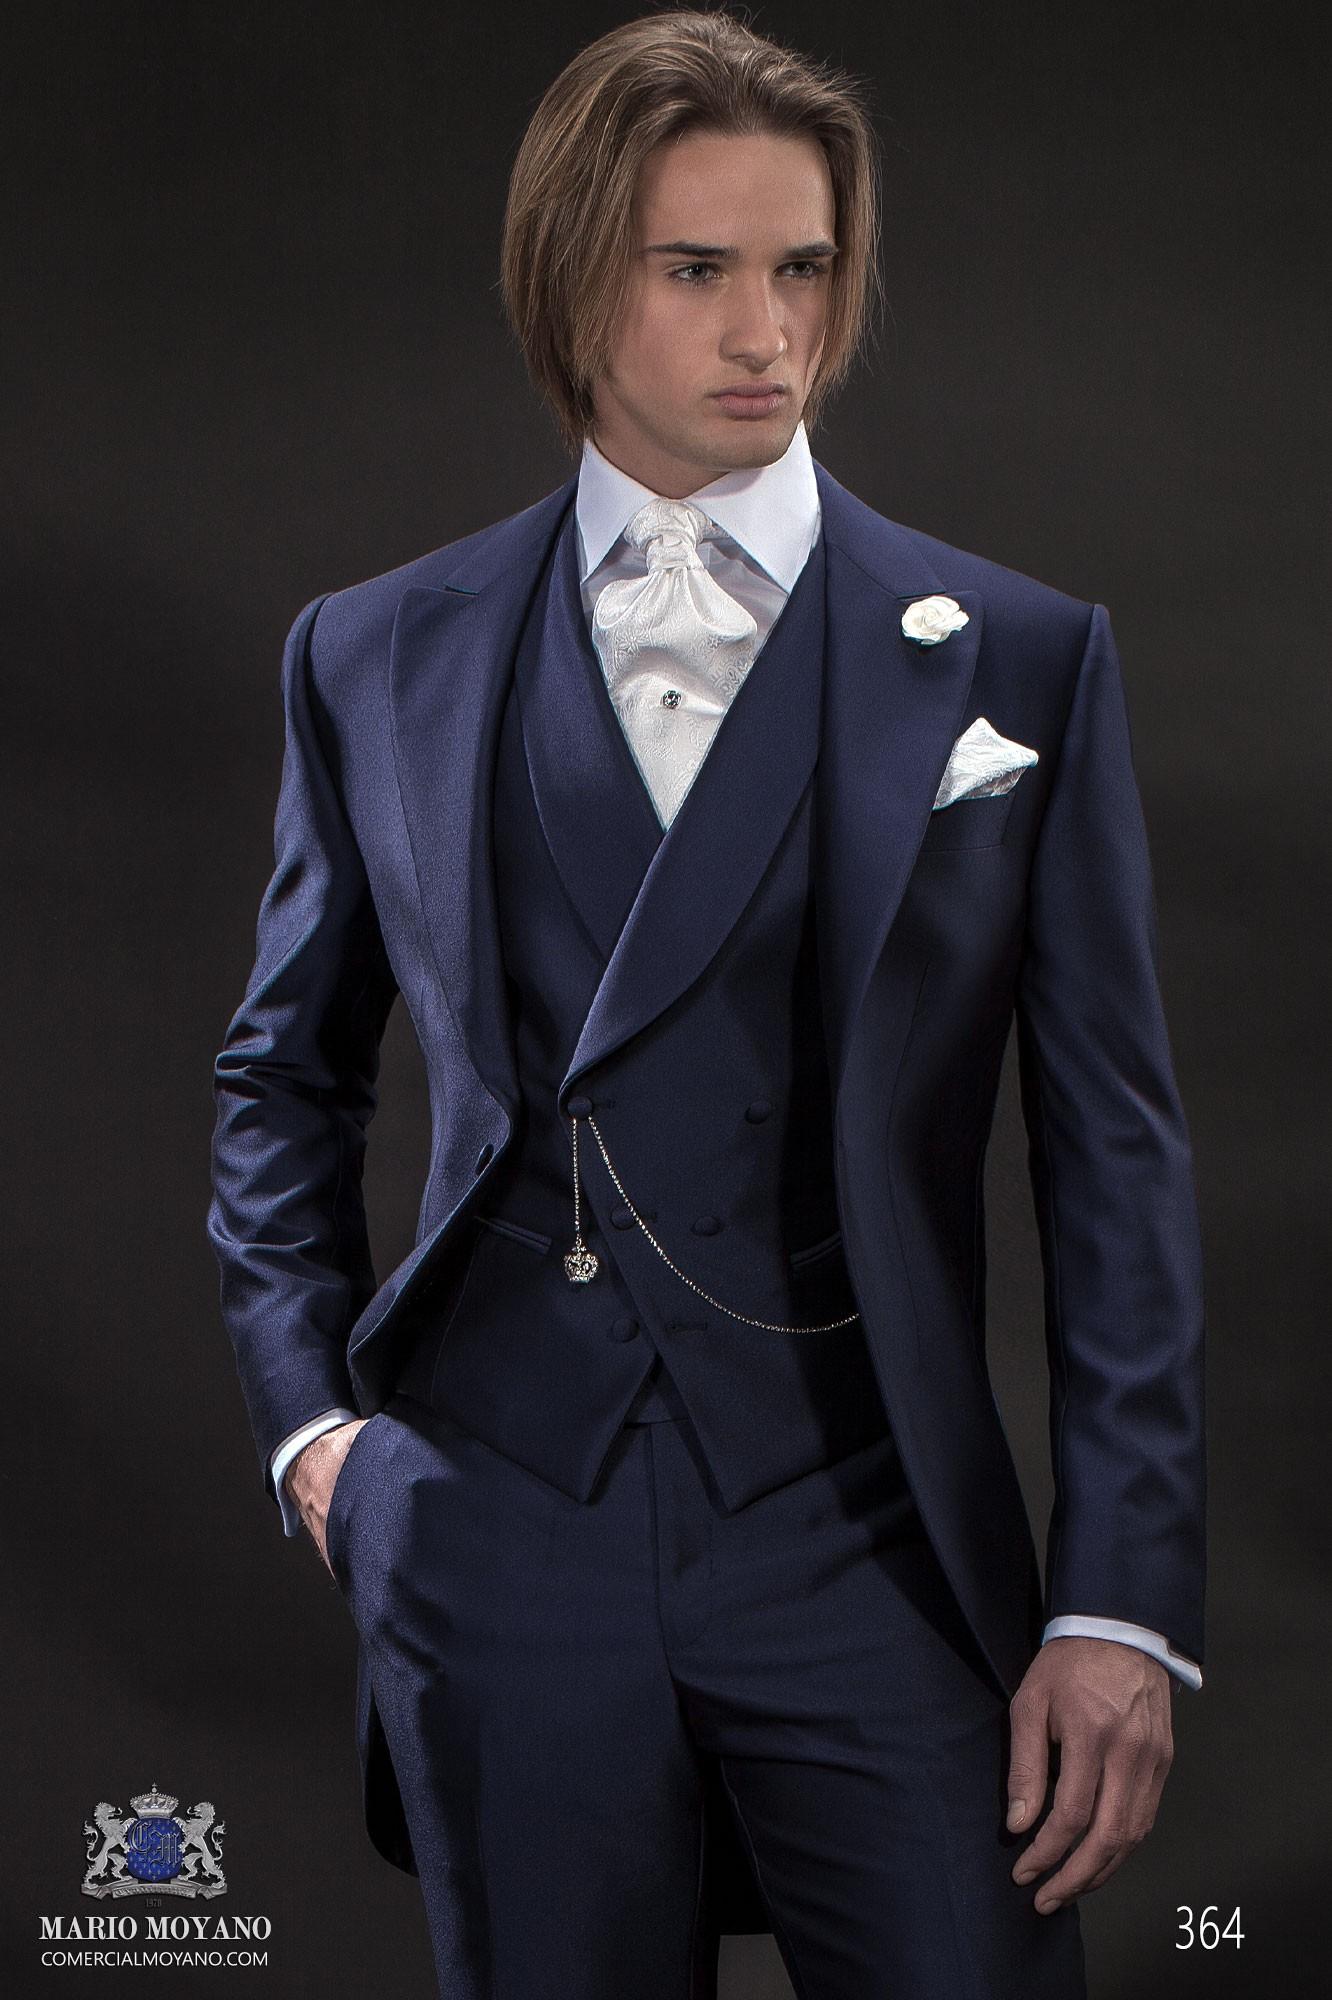 Chaqué azul de novio italiano a medida levita en tejido new performance azul modelo 364 Ottavio Nuccio Gala colección Gentleman 2015.